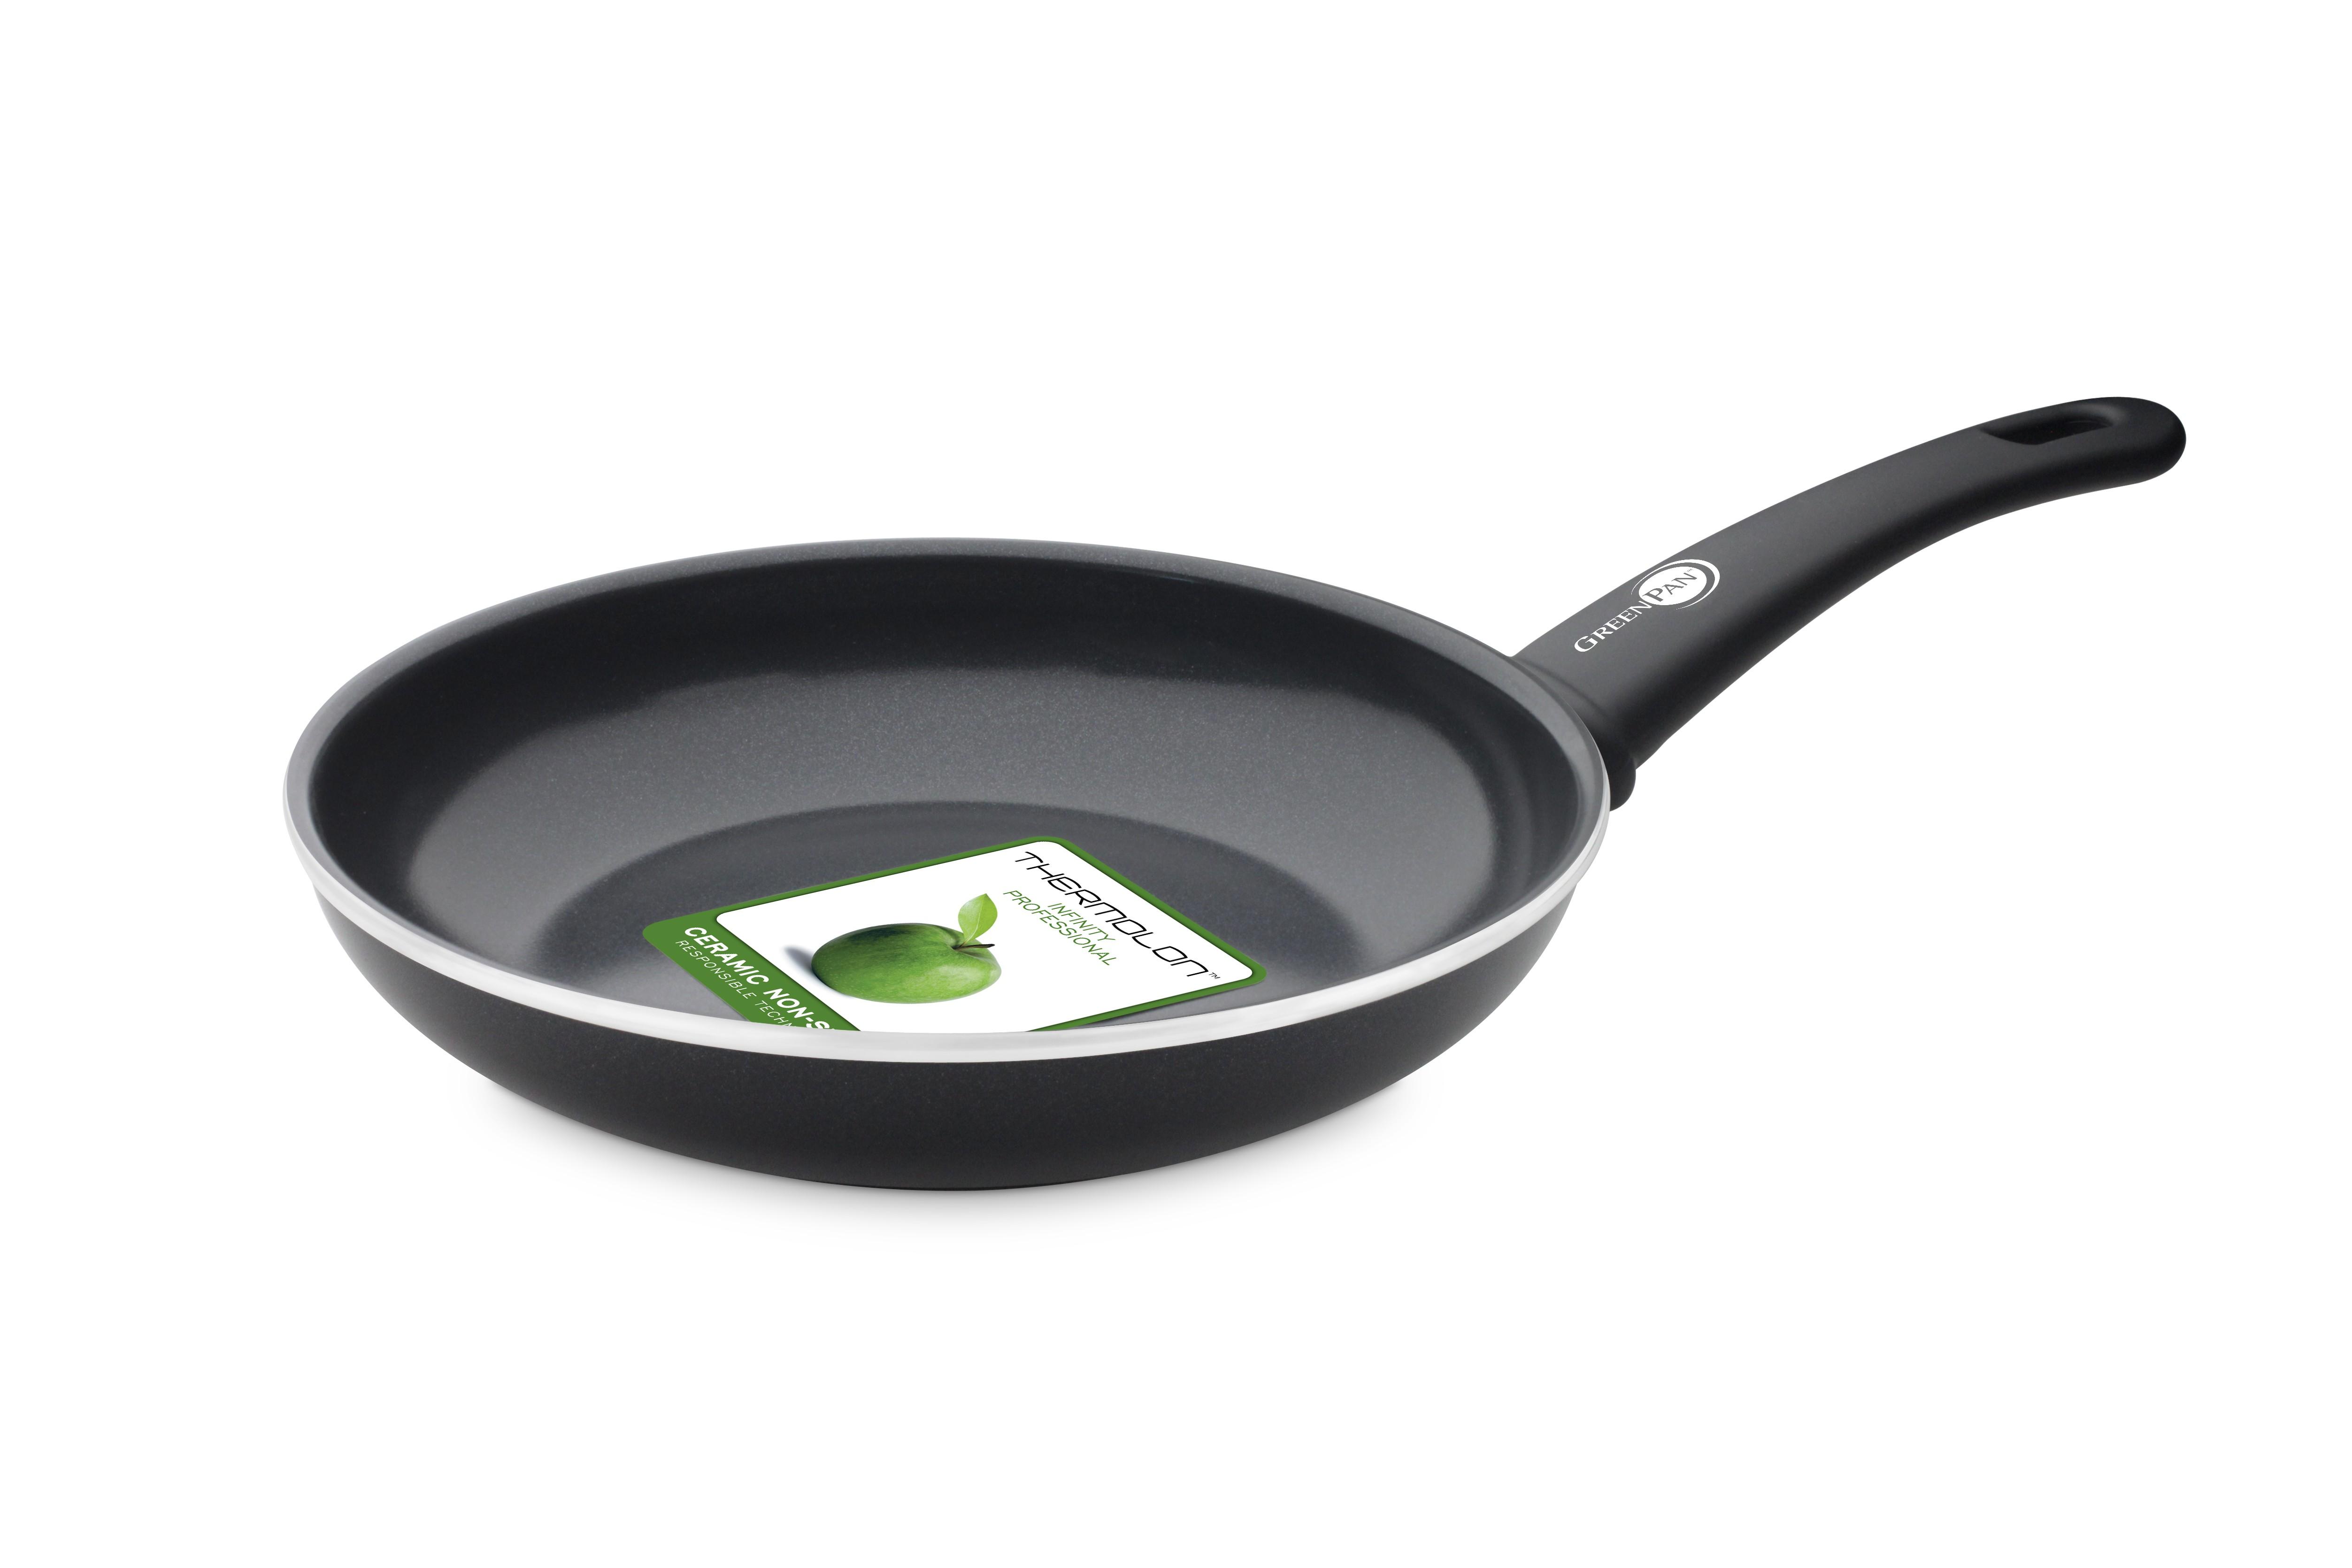 Τηγάνι Green Pan 20cm Infinity Κεραμικό home   σκευη μαγειρικης   τηγάνια